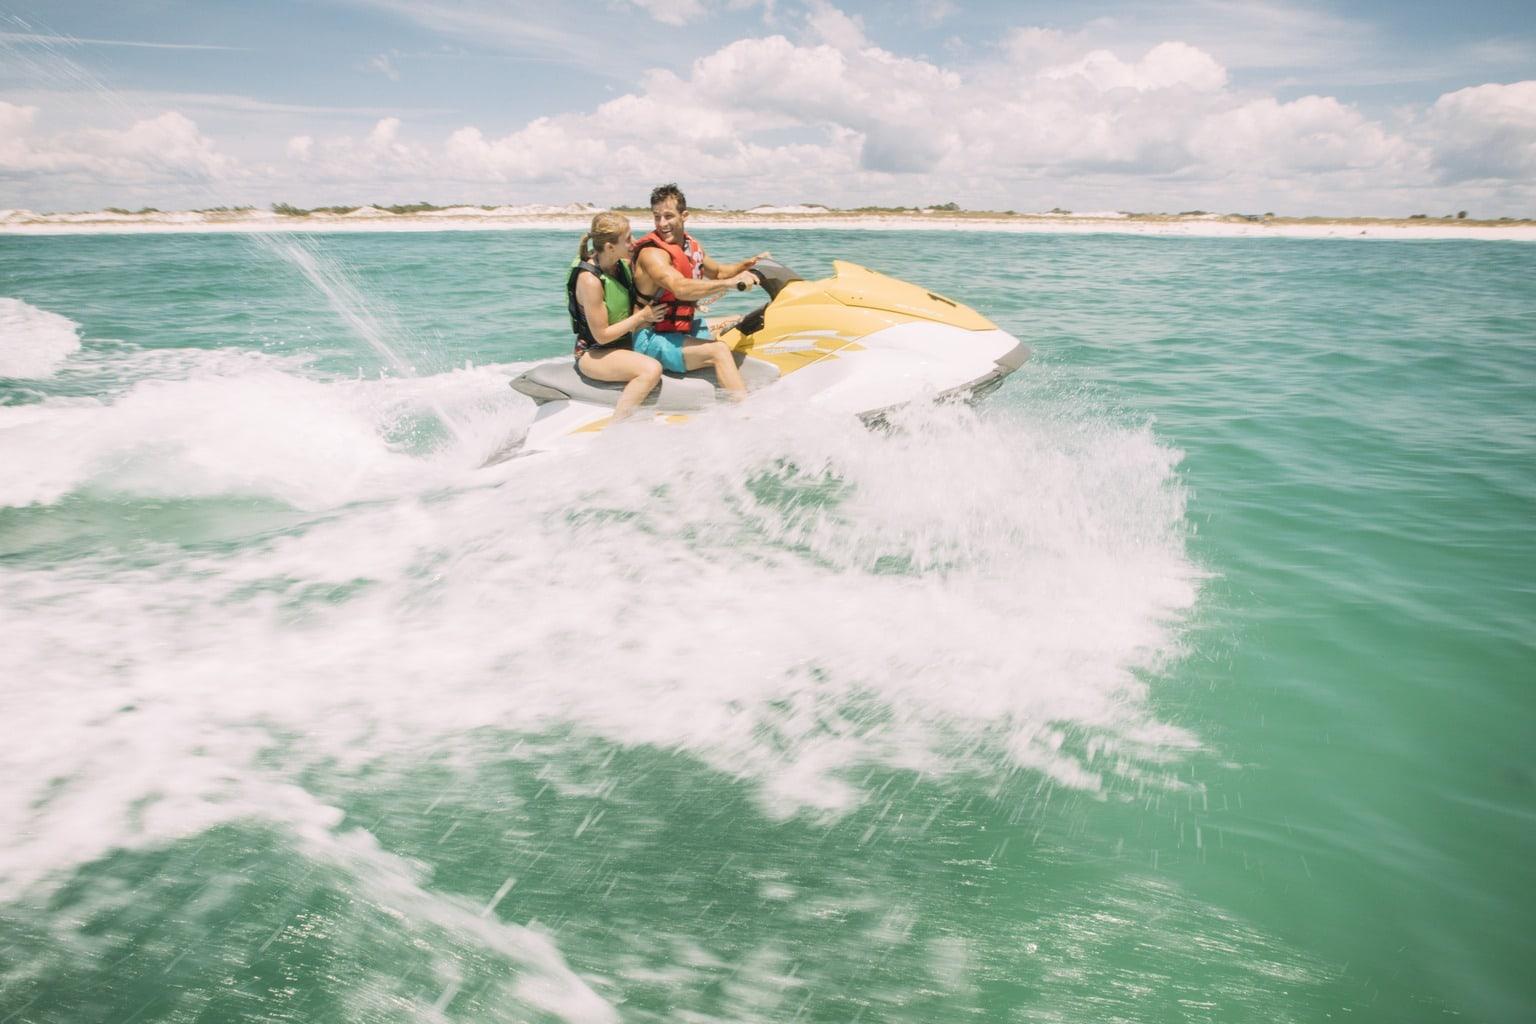 Reunite with Paradise at PCB - water sports at PCB